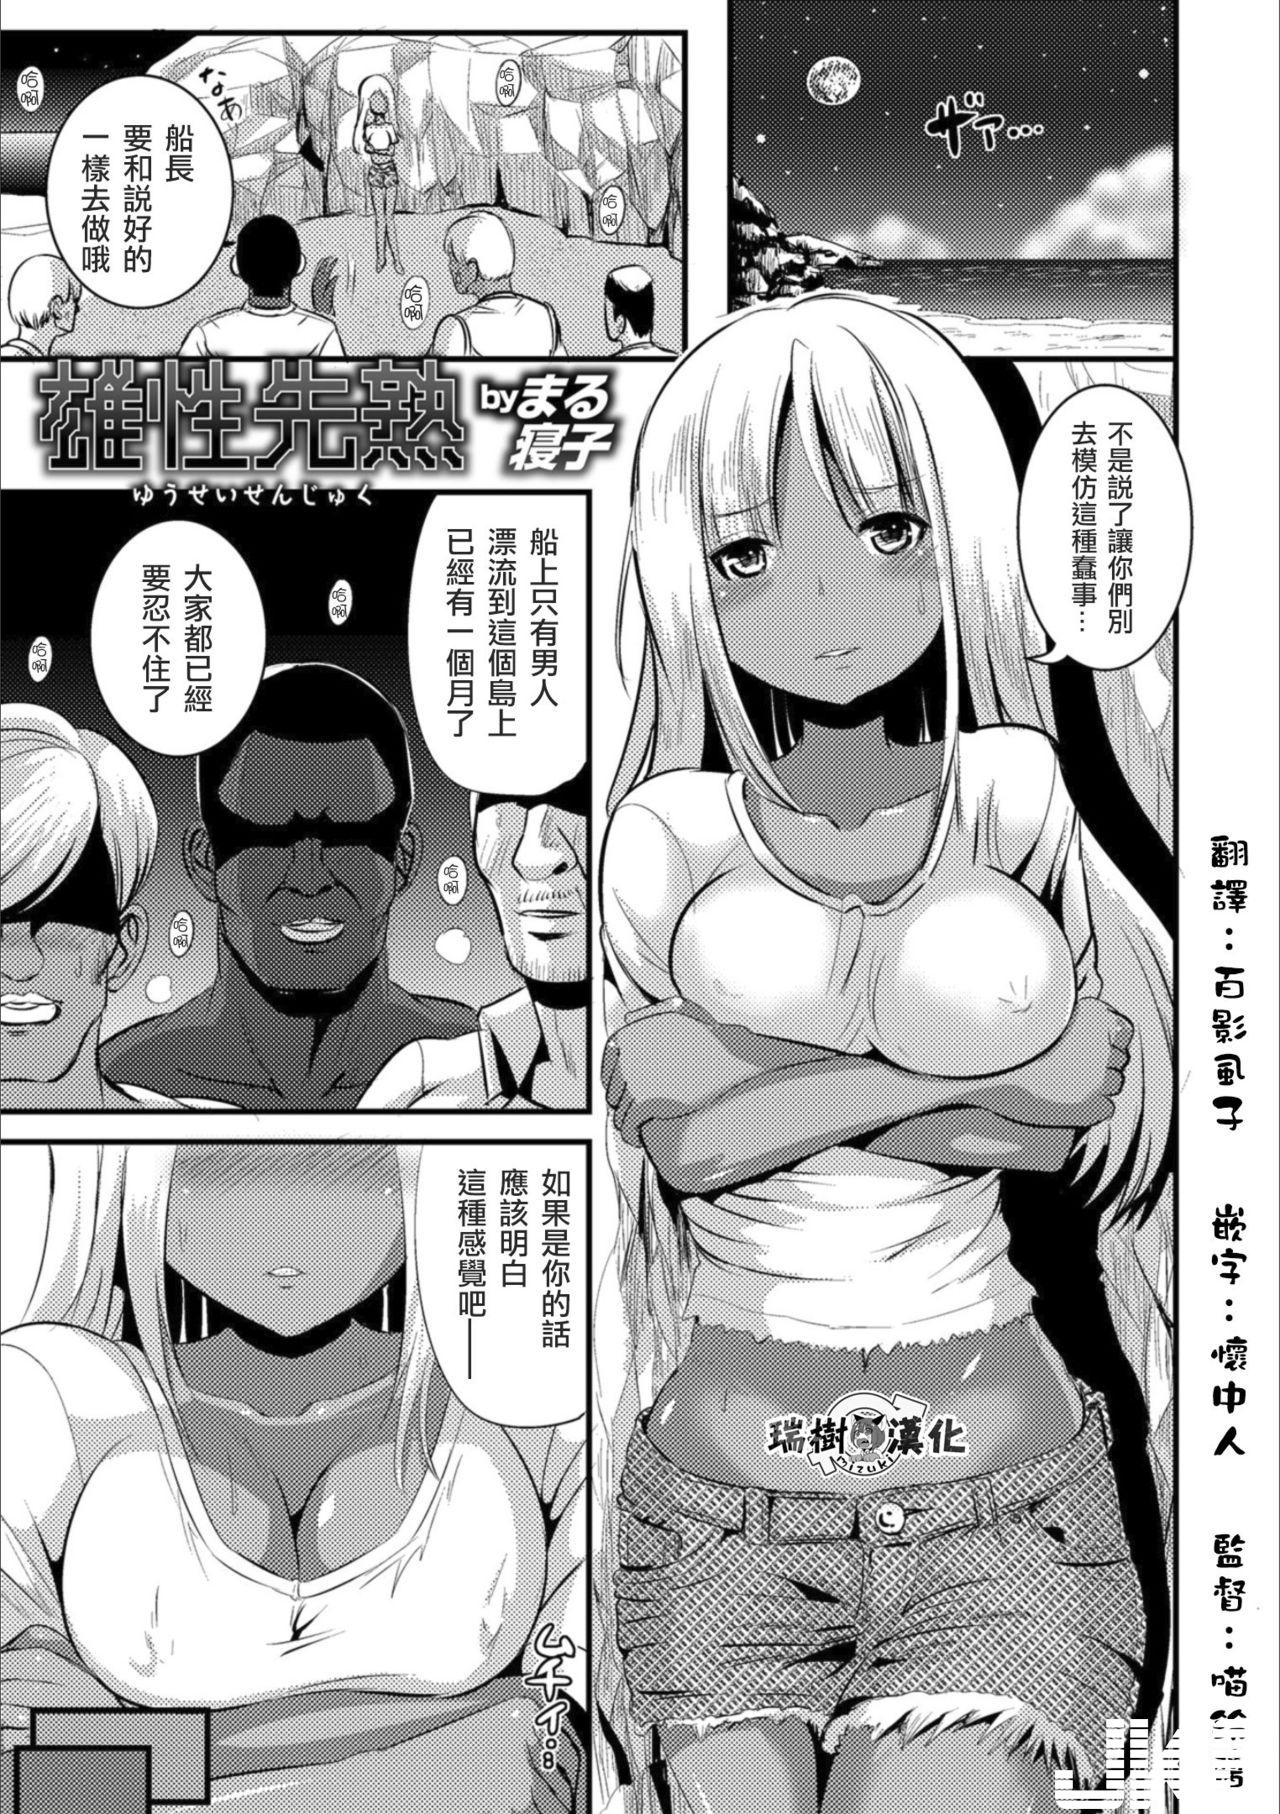 [まる寢子] 雄性先熟 (メスイキ!!にょたいか遊戯) - 情色卡漫 -